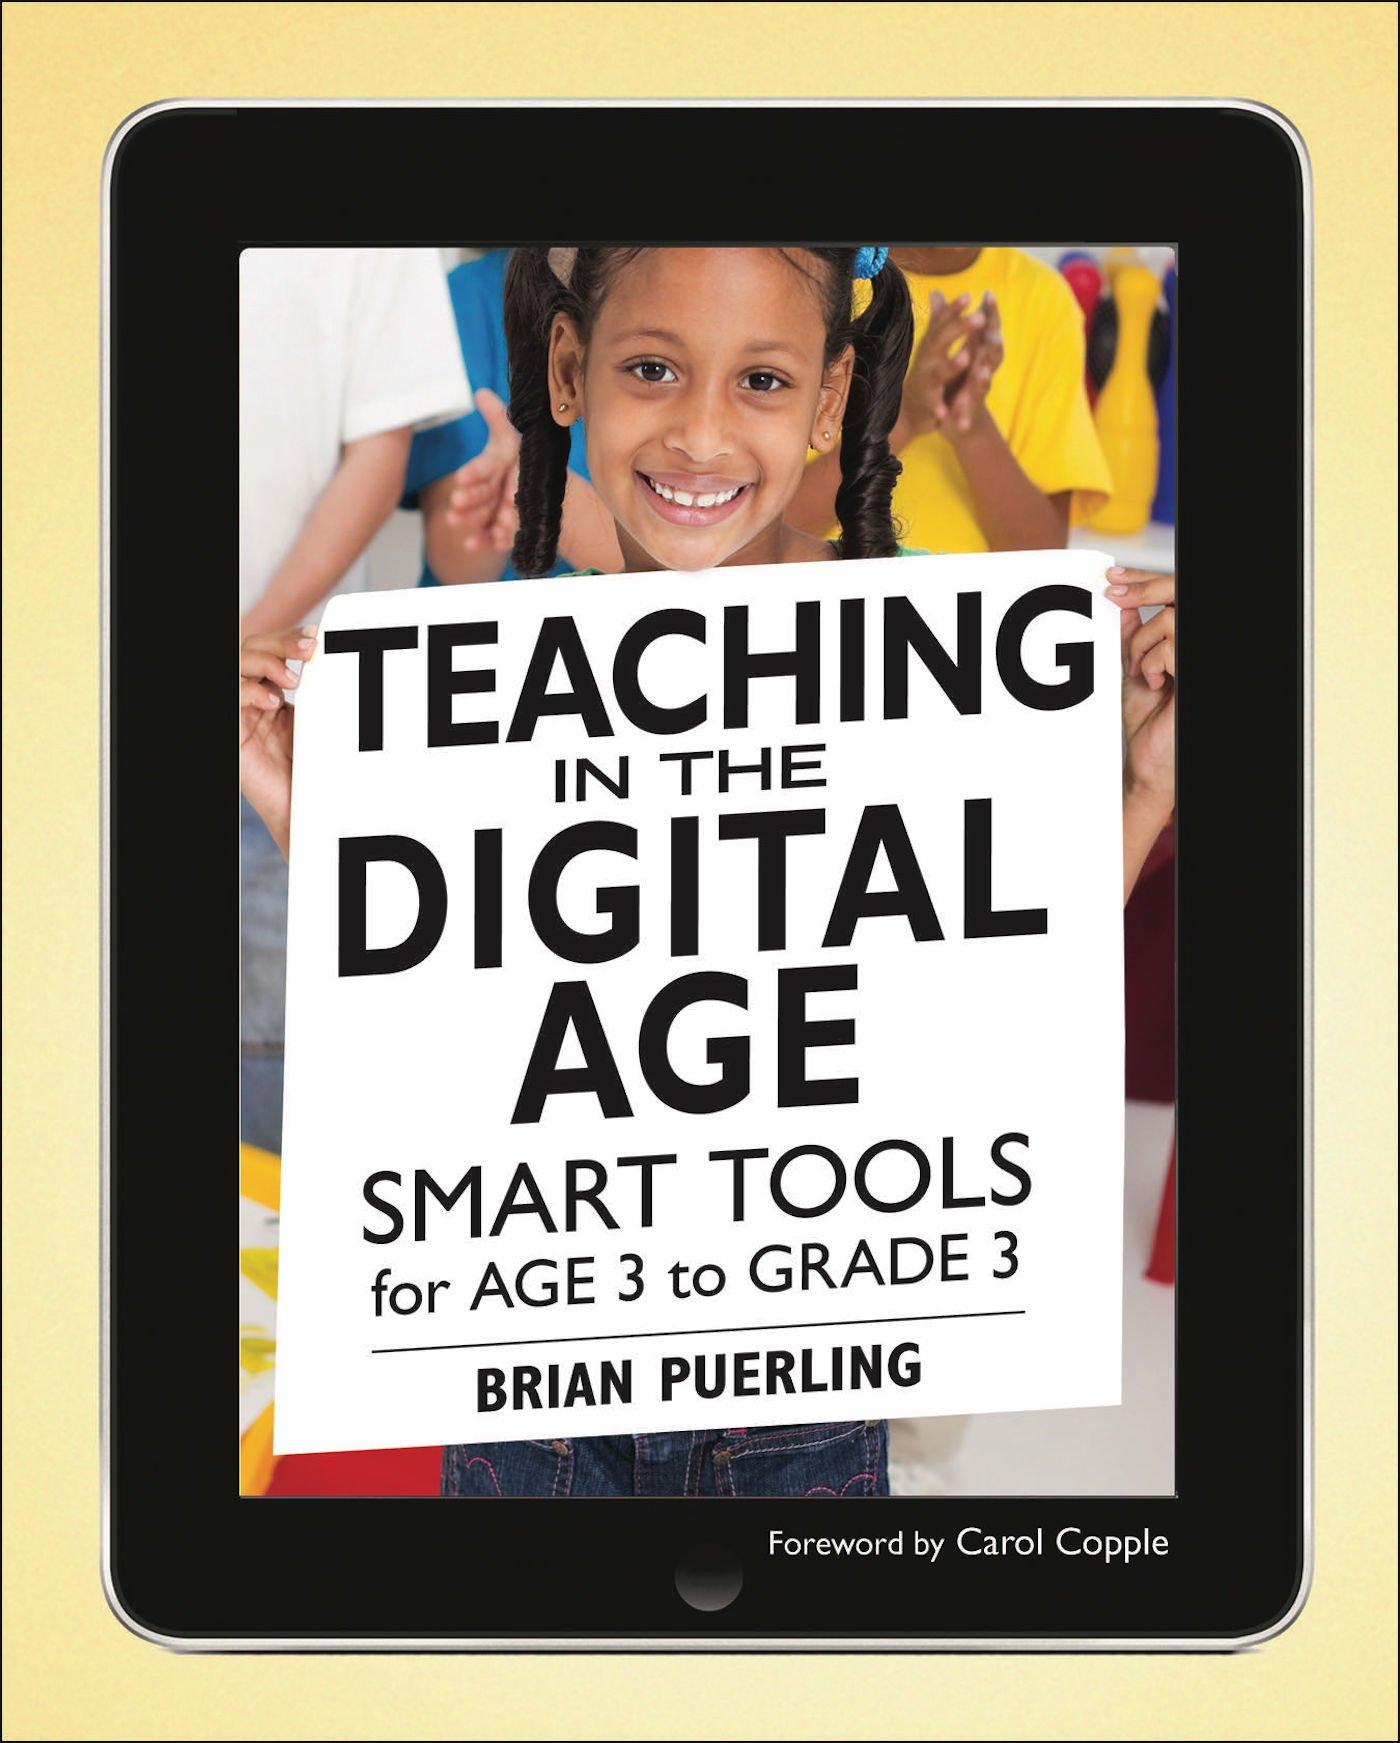 Teaching Digital Age Smart Tools